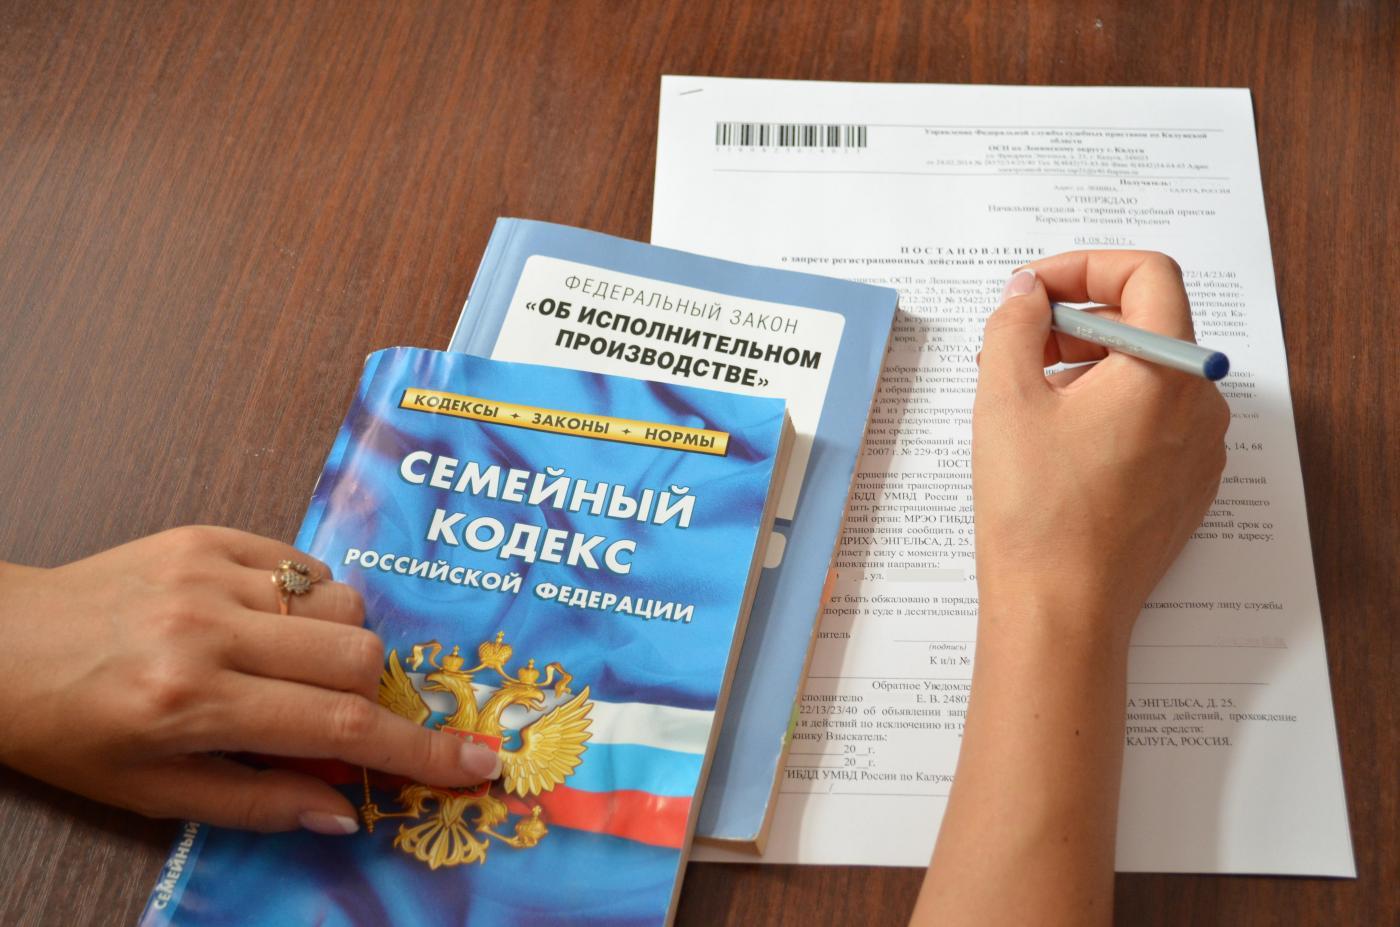 Алименты по Семейному кодексу РФ: основные положения